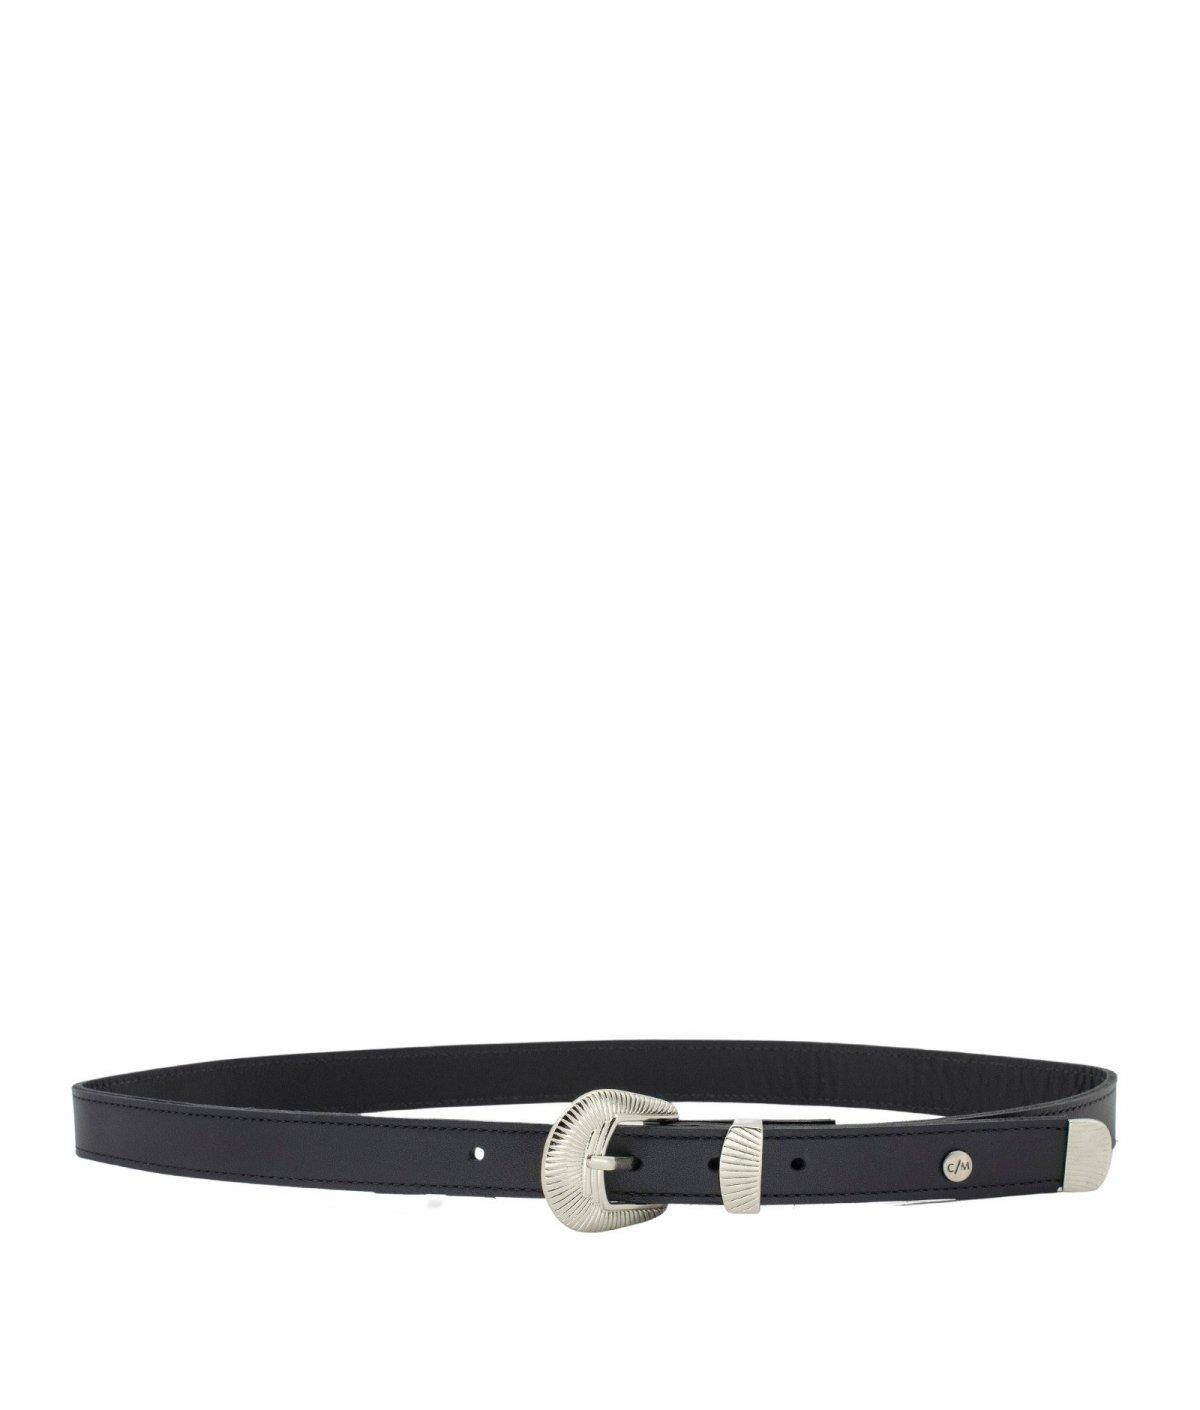 Cinturon Mujer 821 Cuero